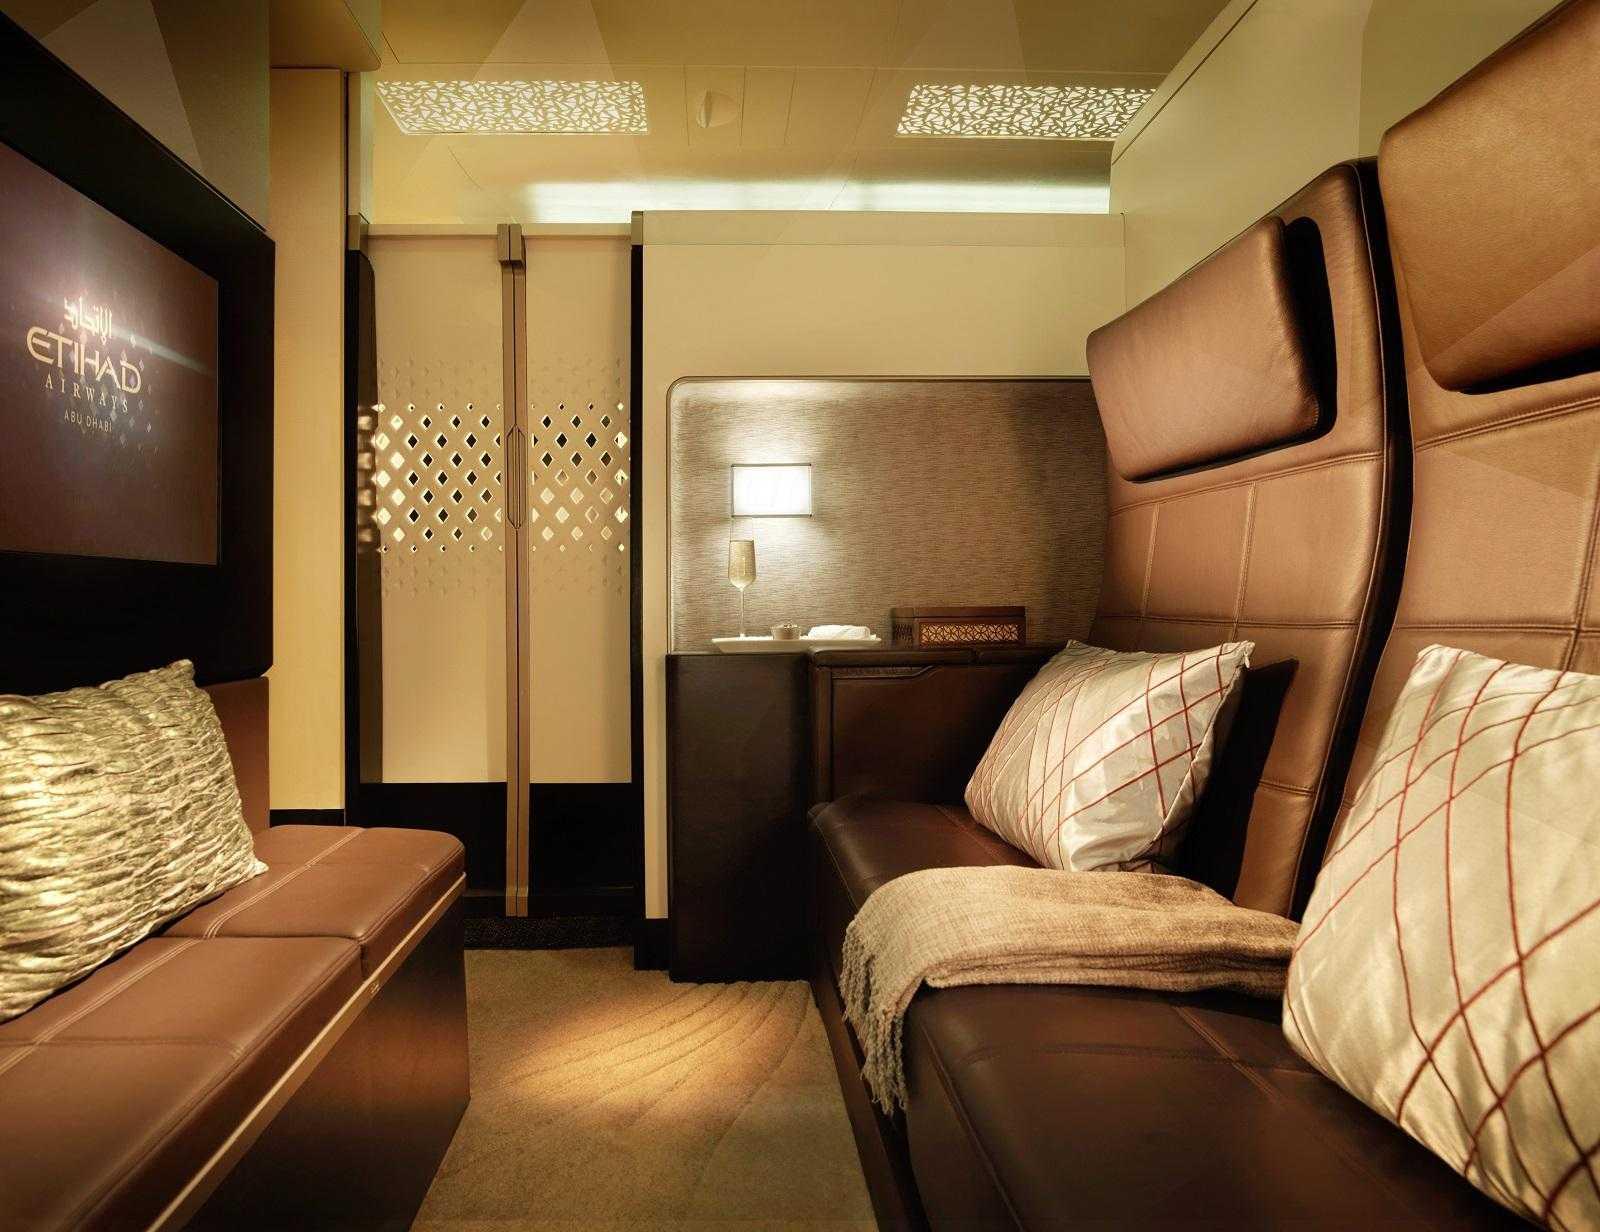 THE_RESIDENCE_A380_Etihad